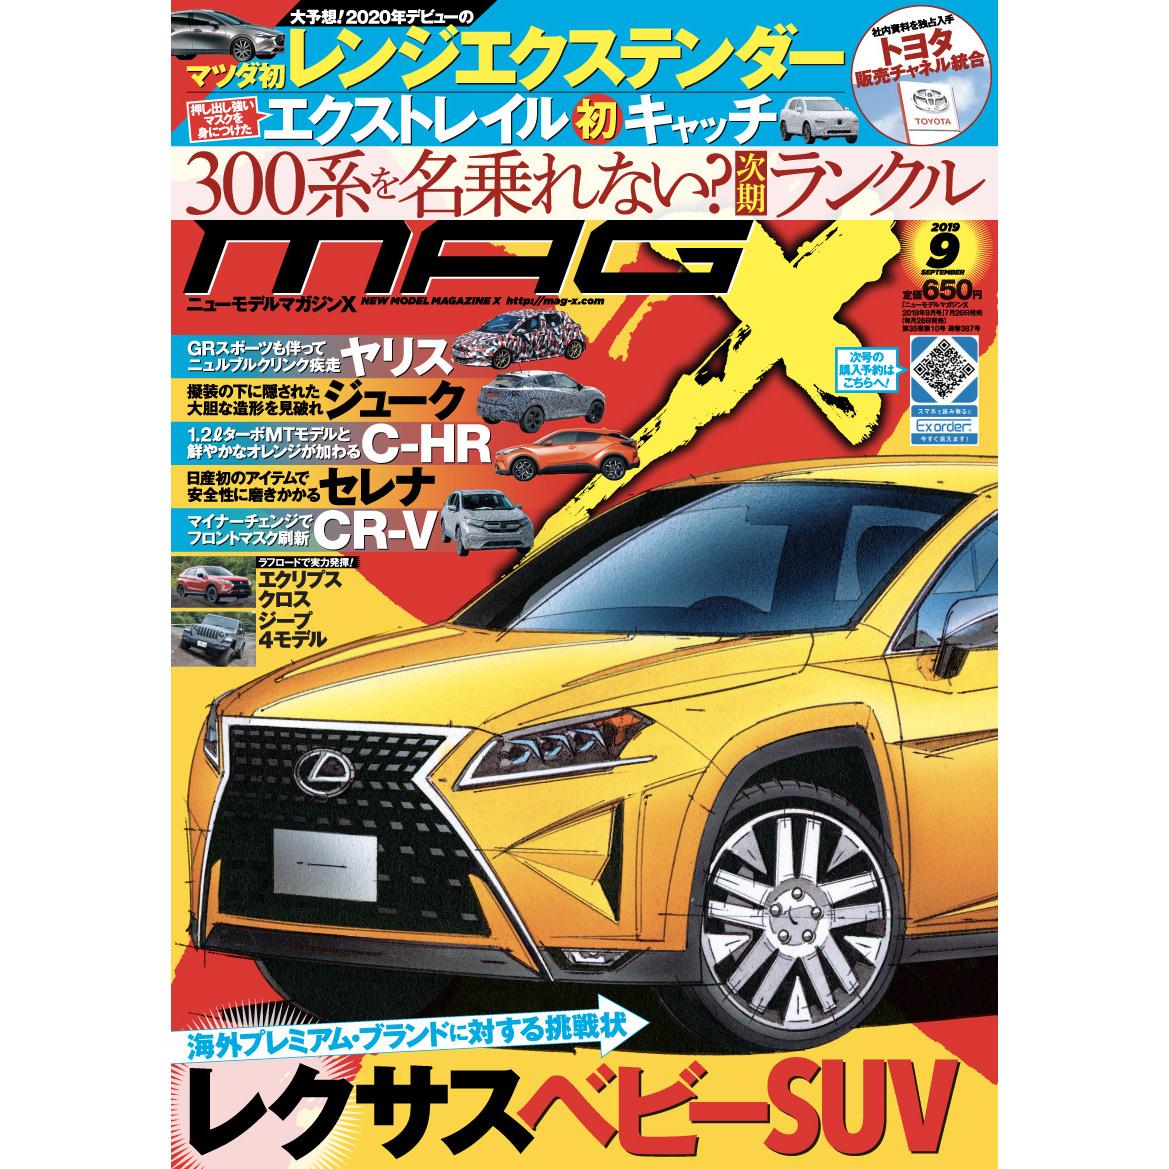 ニューモデルマガジンX 2019年9月号(紙版)